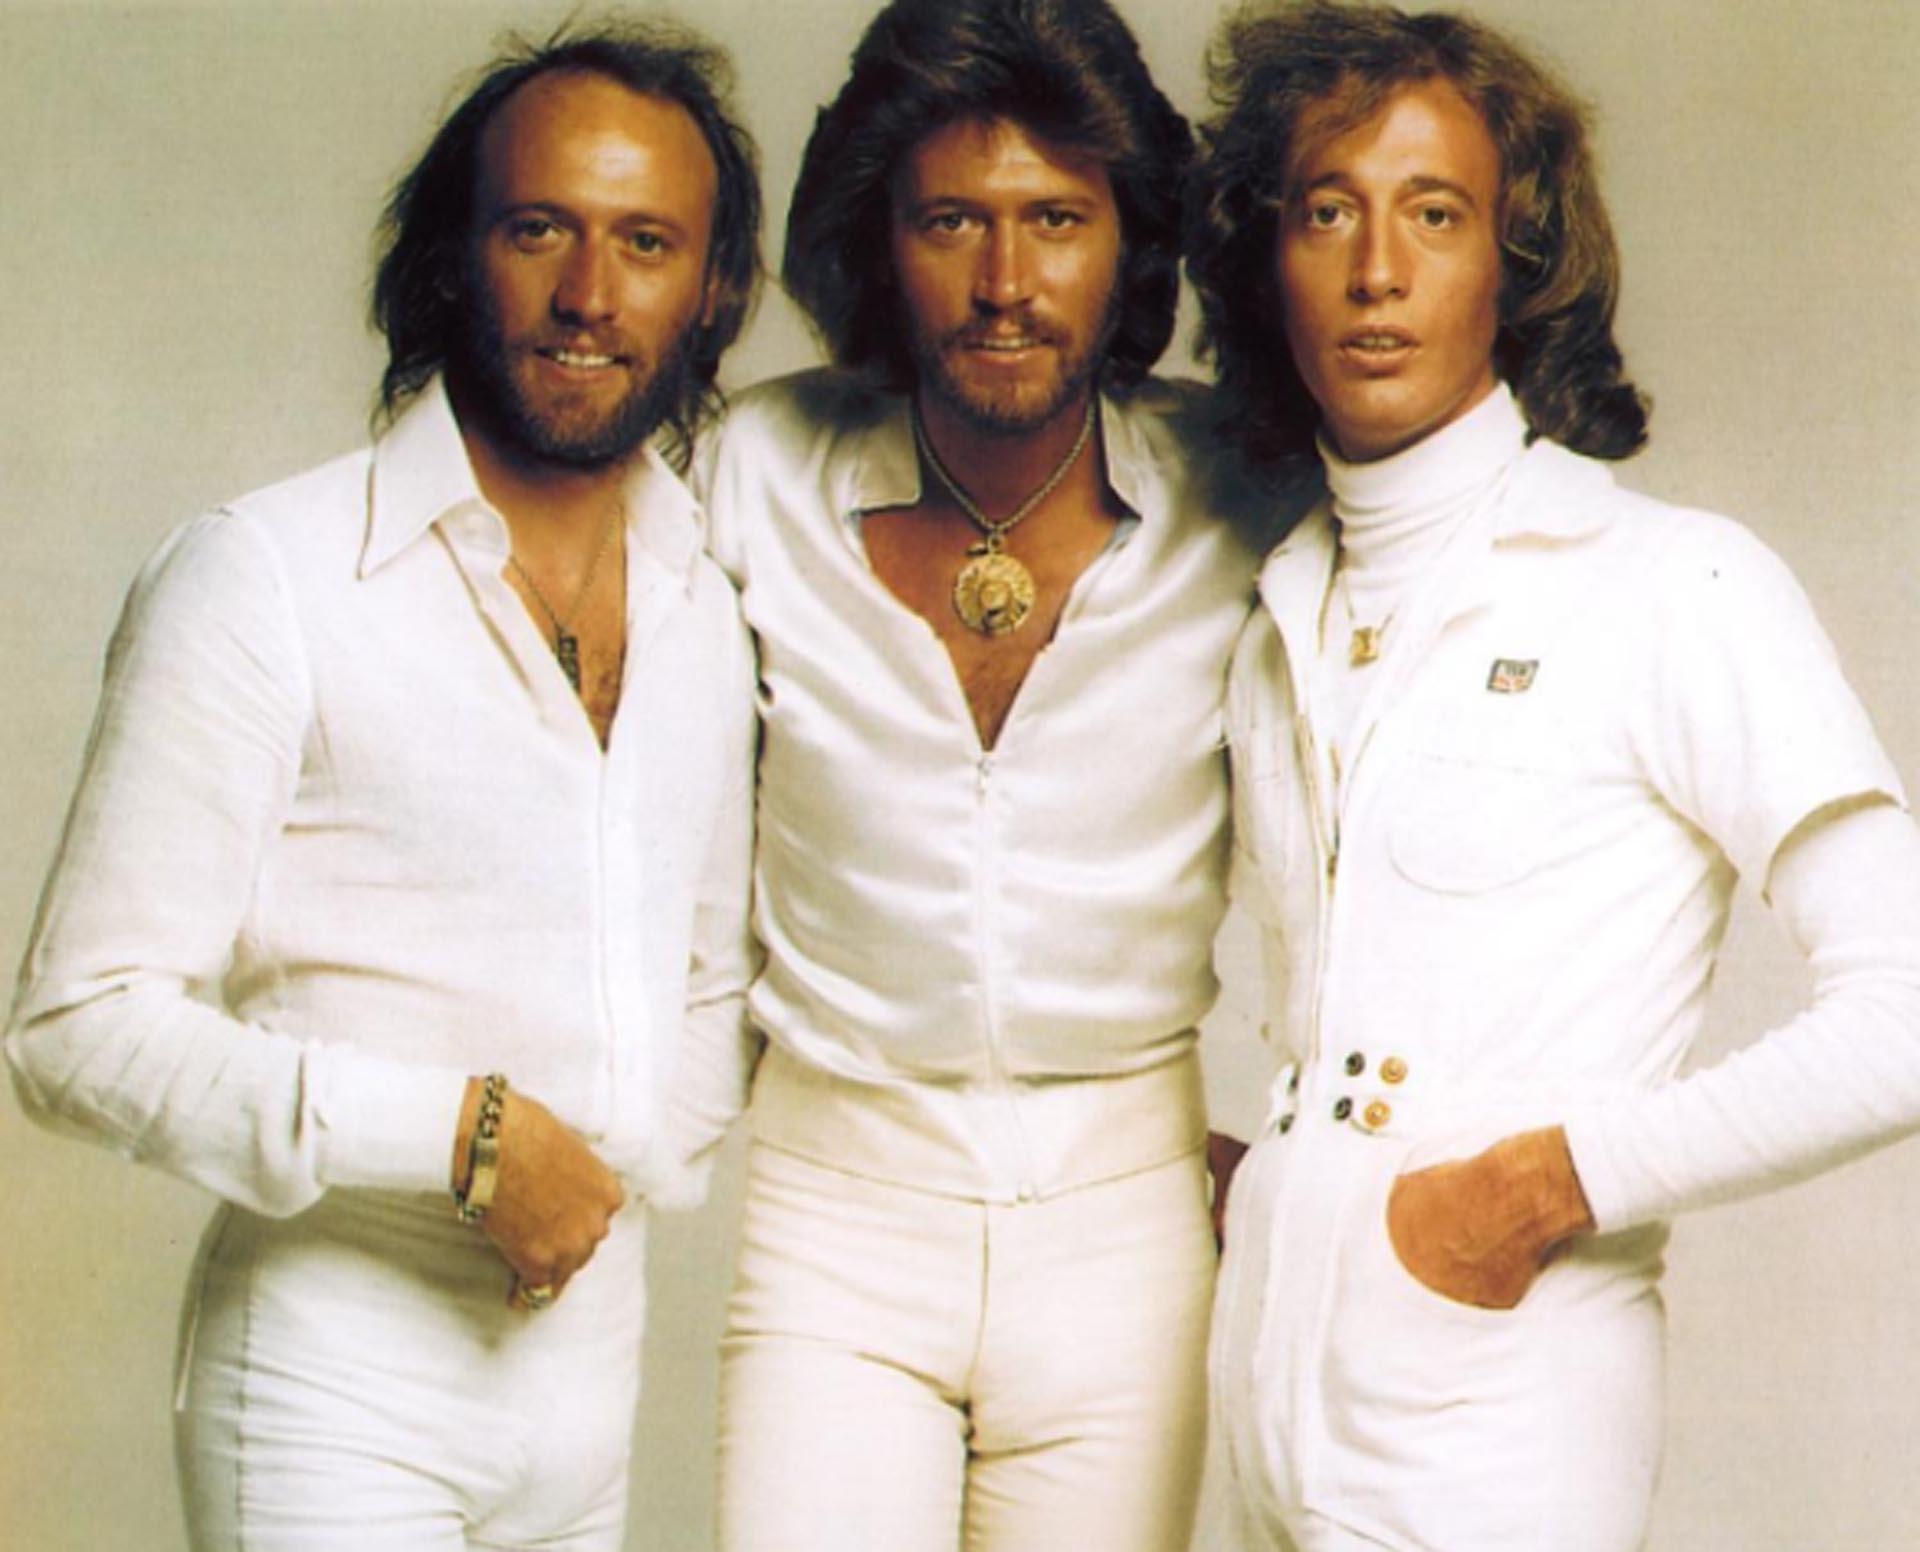 Los hermanos Gibb nacieron en la Isla de Man, una dependencia británica en el Mar del Irlanda